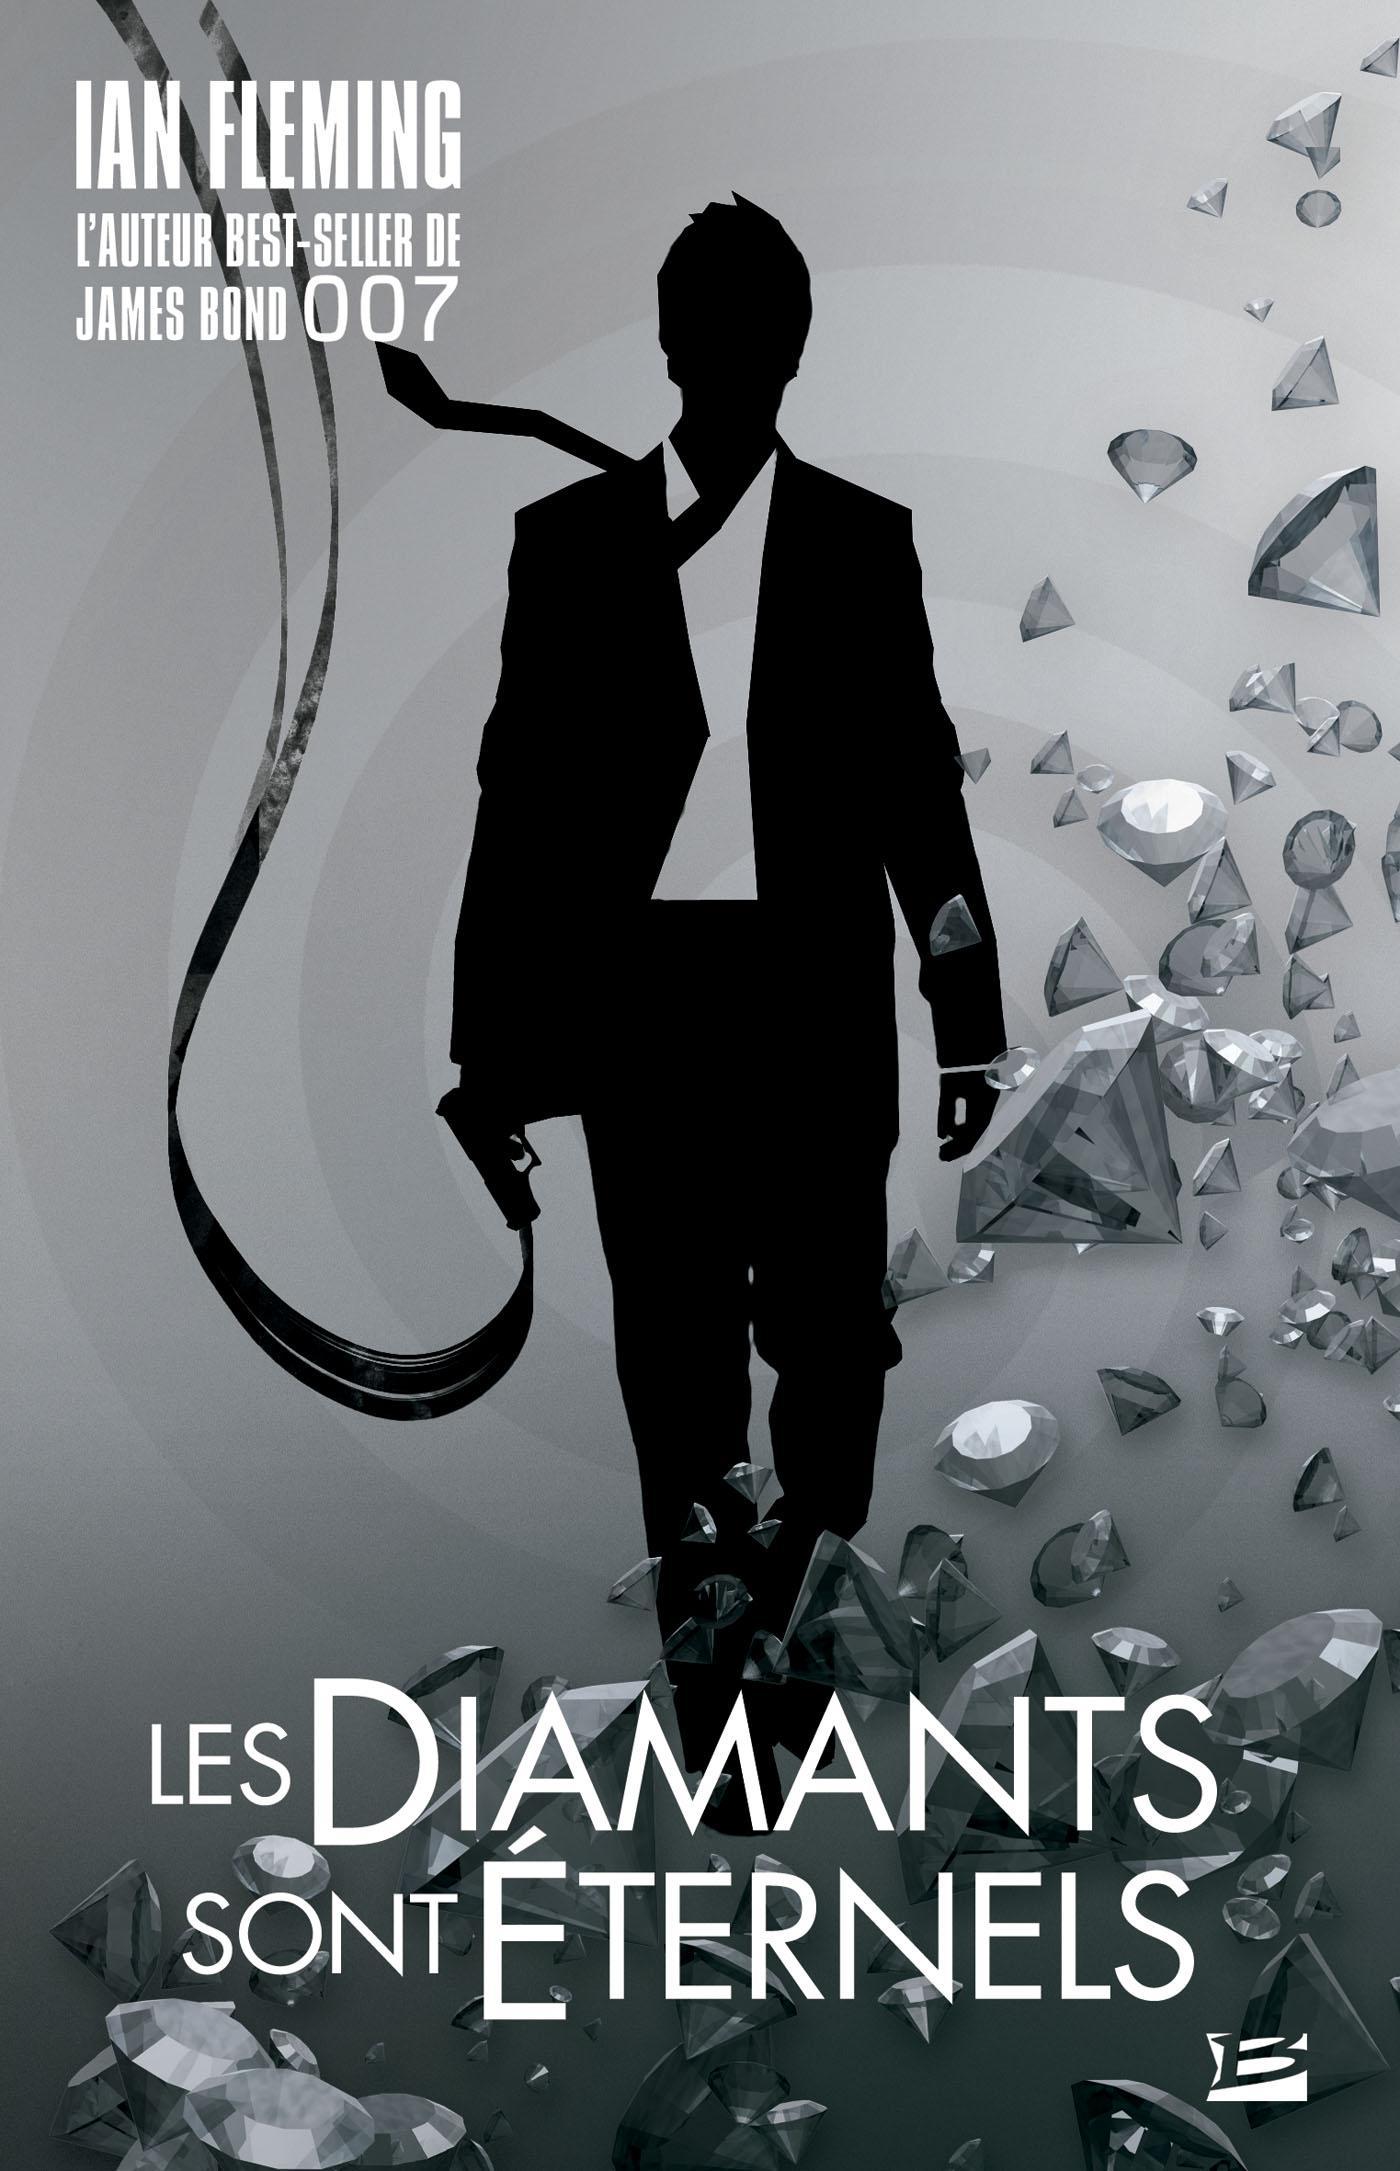 Les Diamants sont éternels, JAMES BOND 007